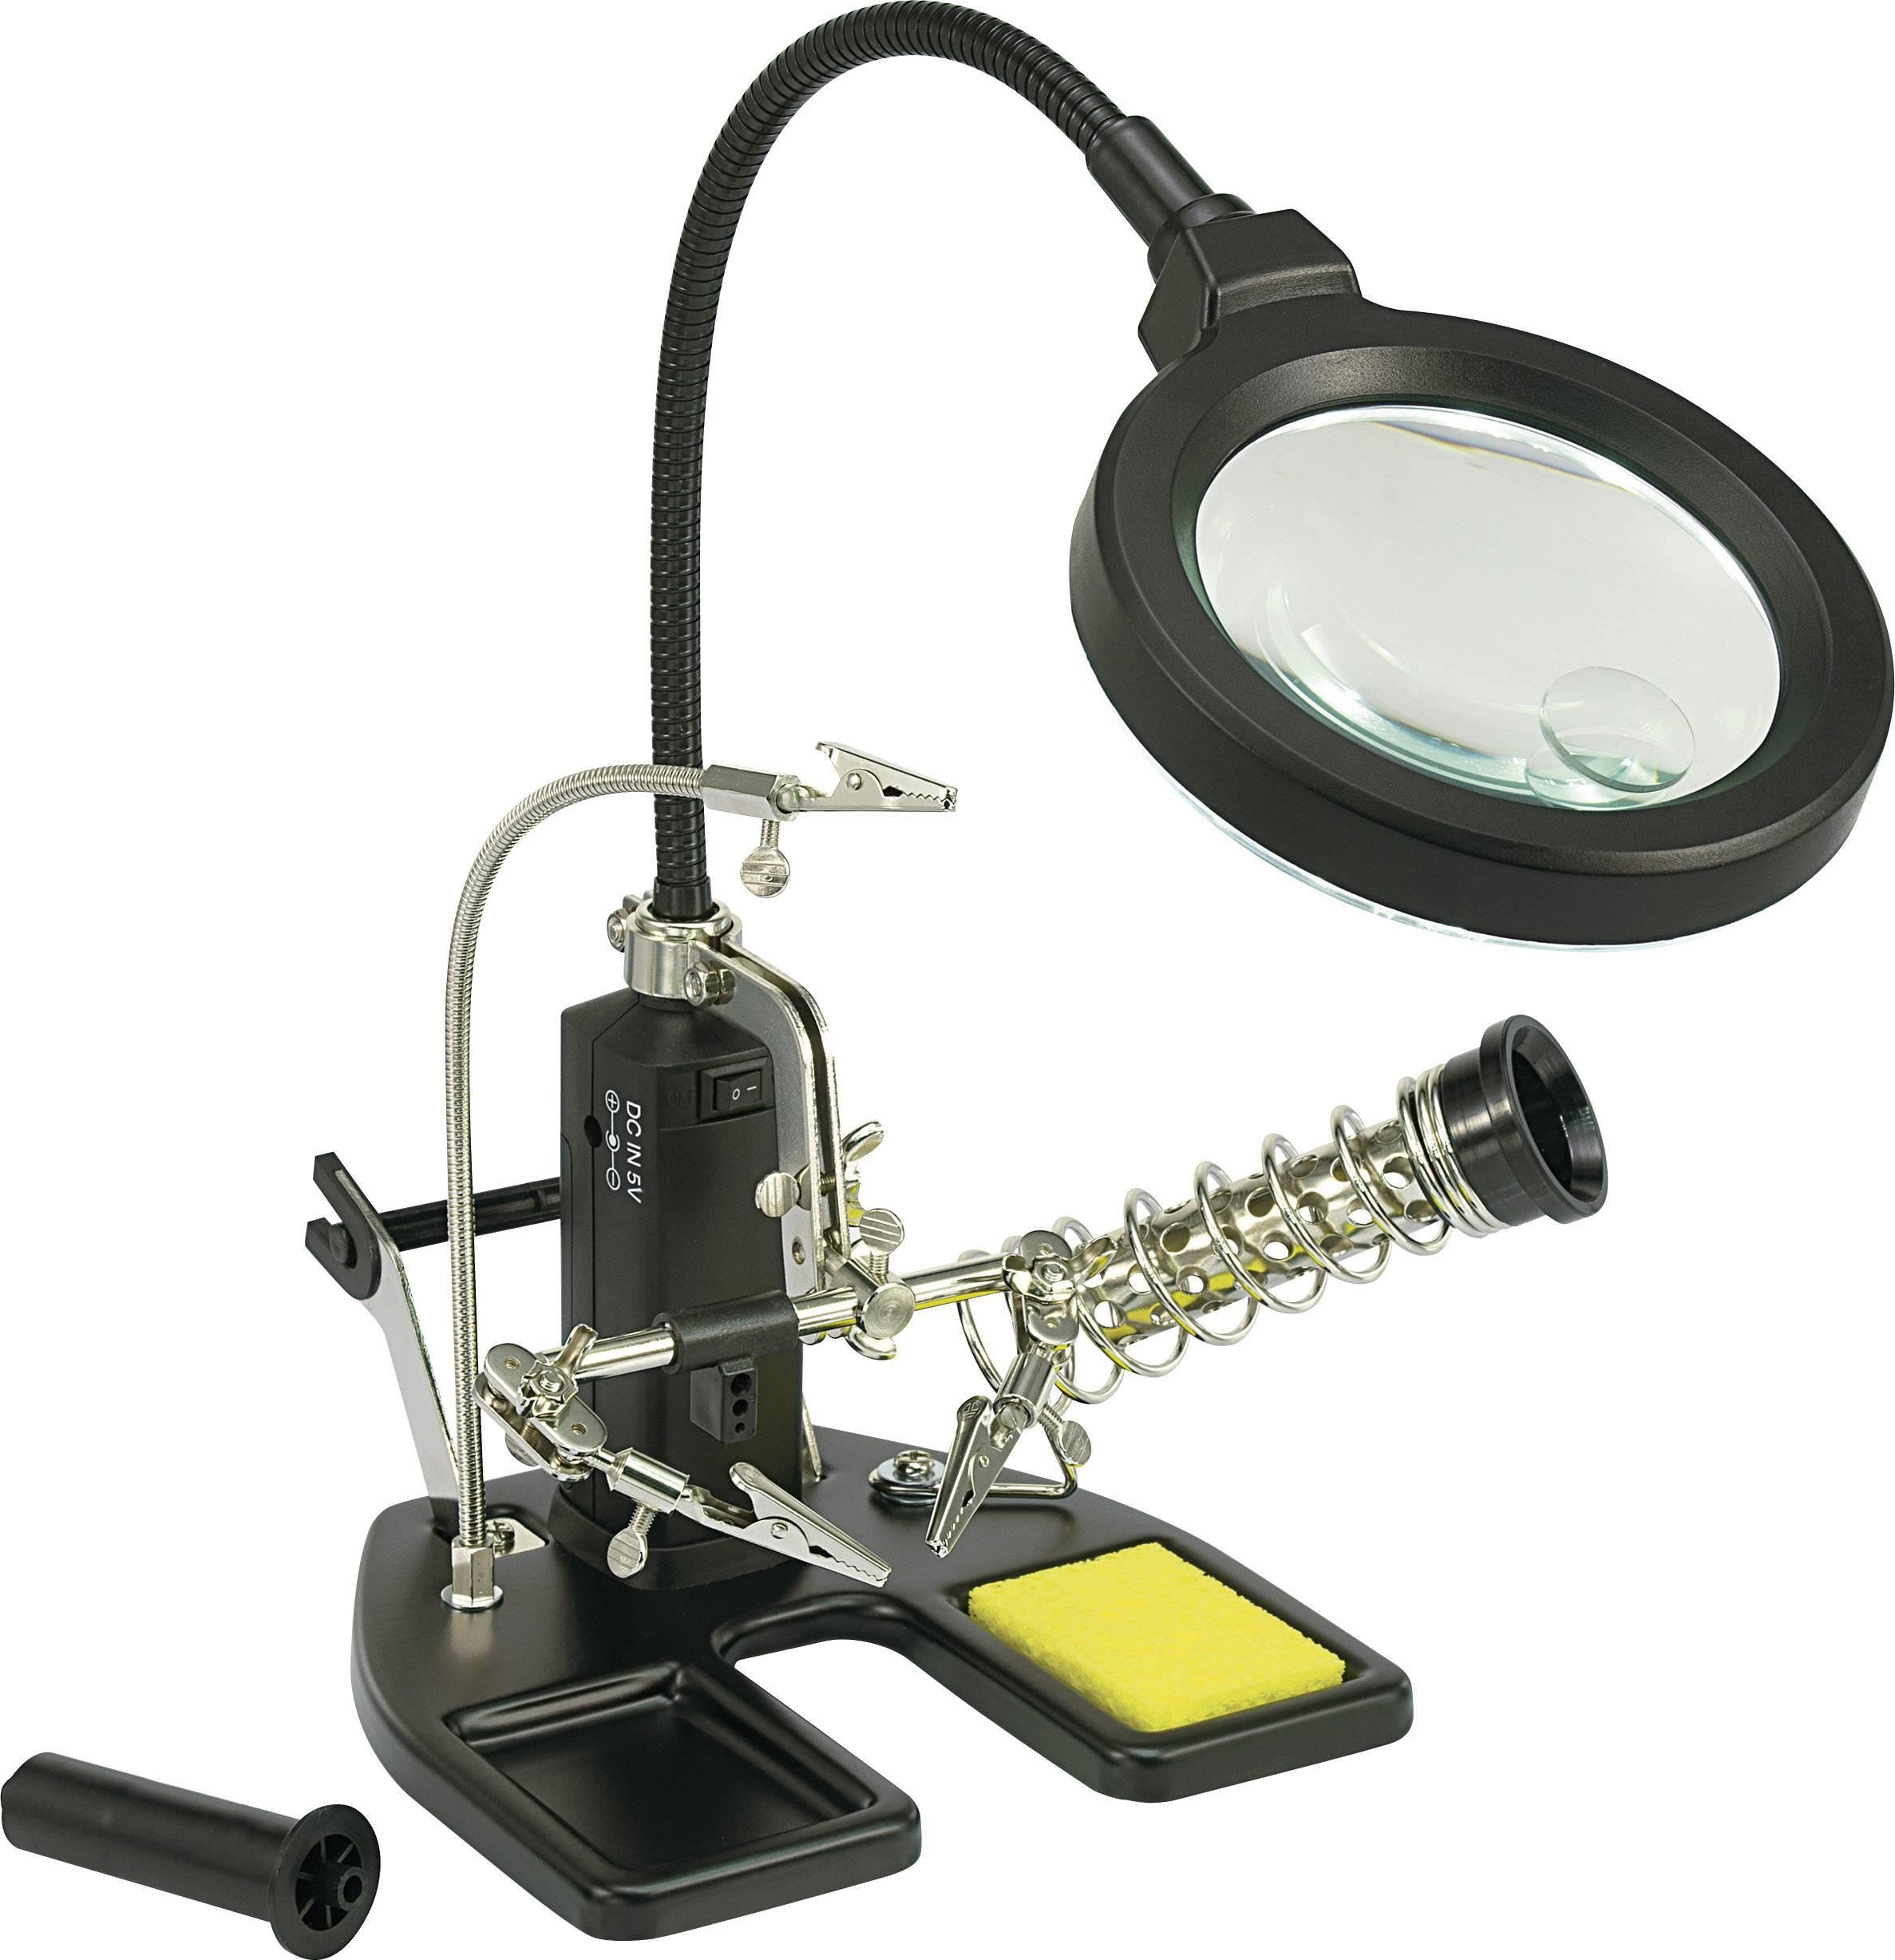 Stolná svetelná lupa Toolcraft s tretou rukou